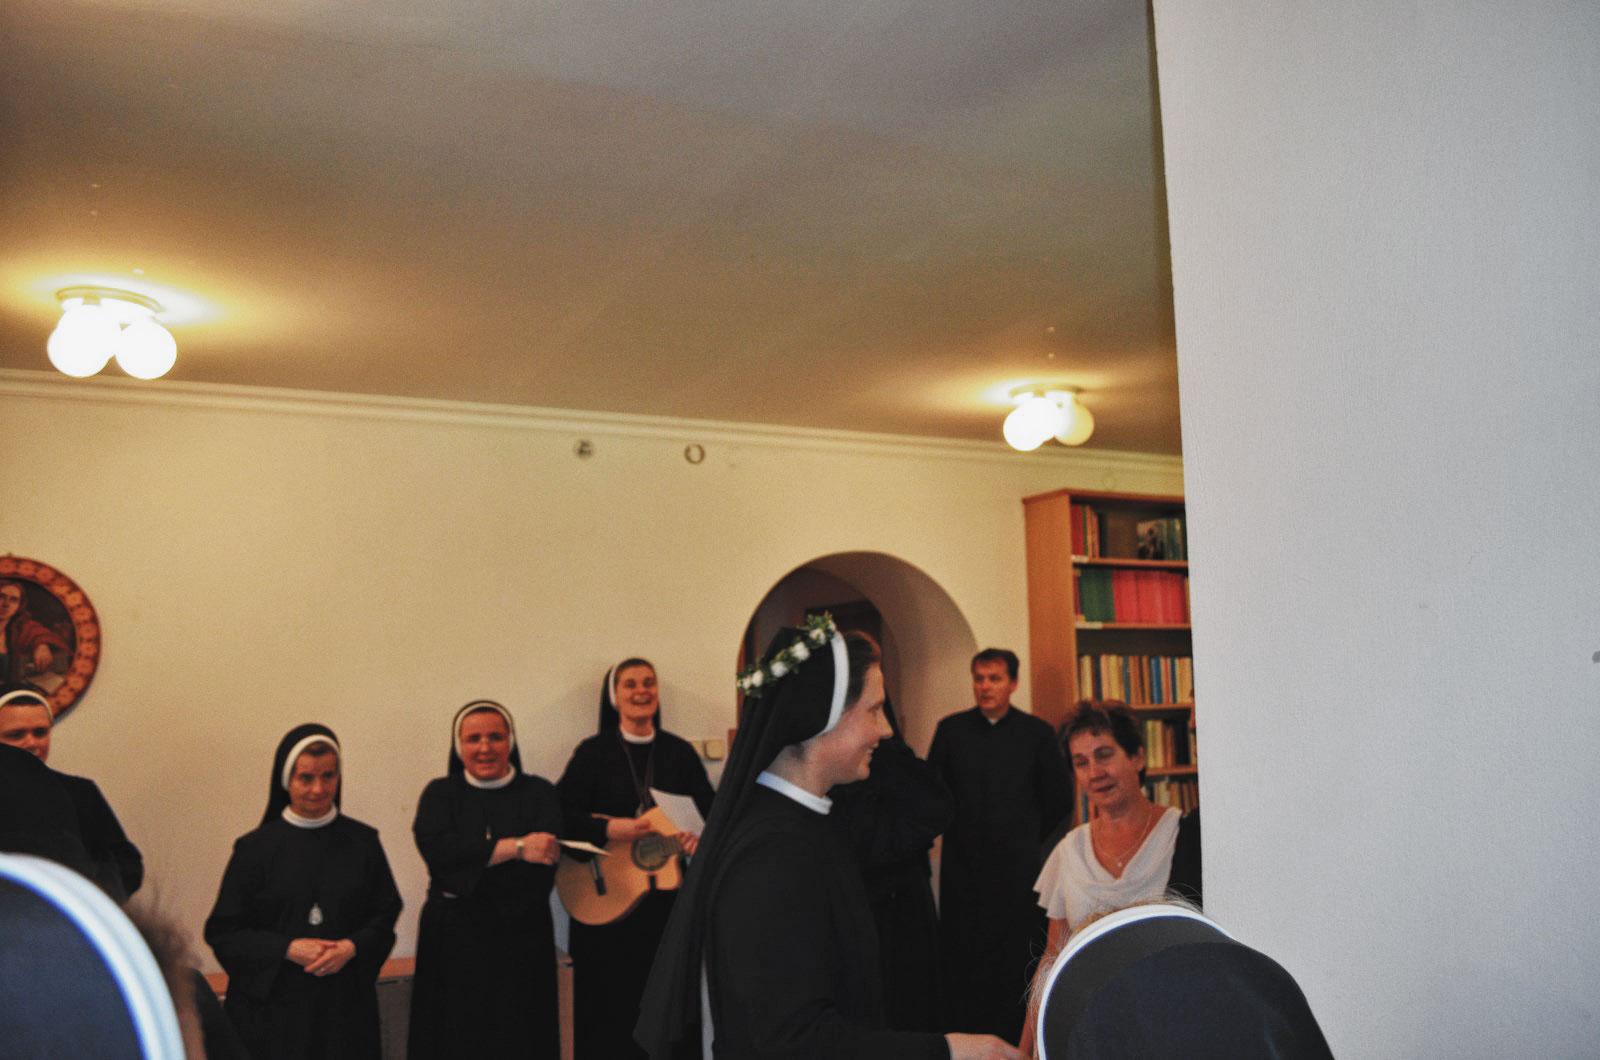 Sióstr_św_Elżbiety-Pierwsze_Śluby_fotorelacja-I-SLUBY-DSC_0626-min.jpg